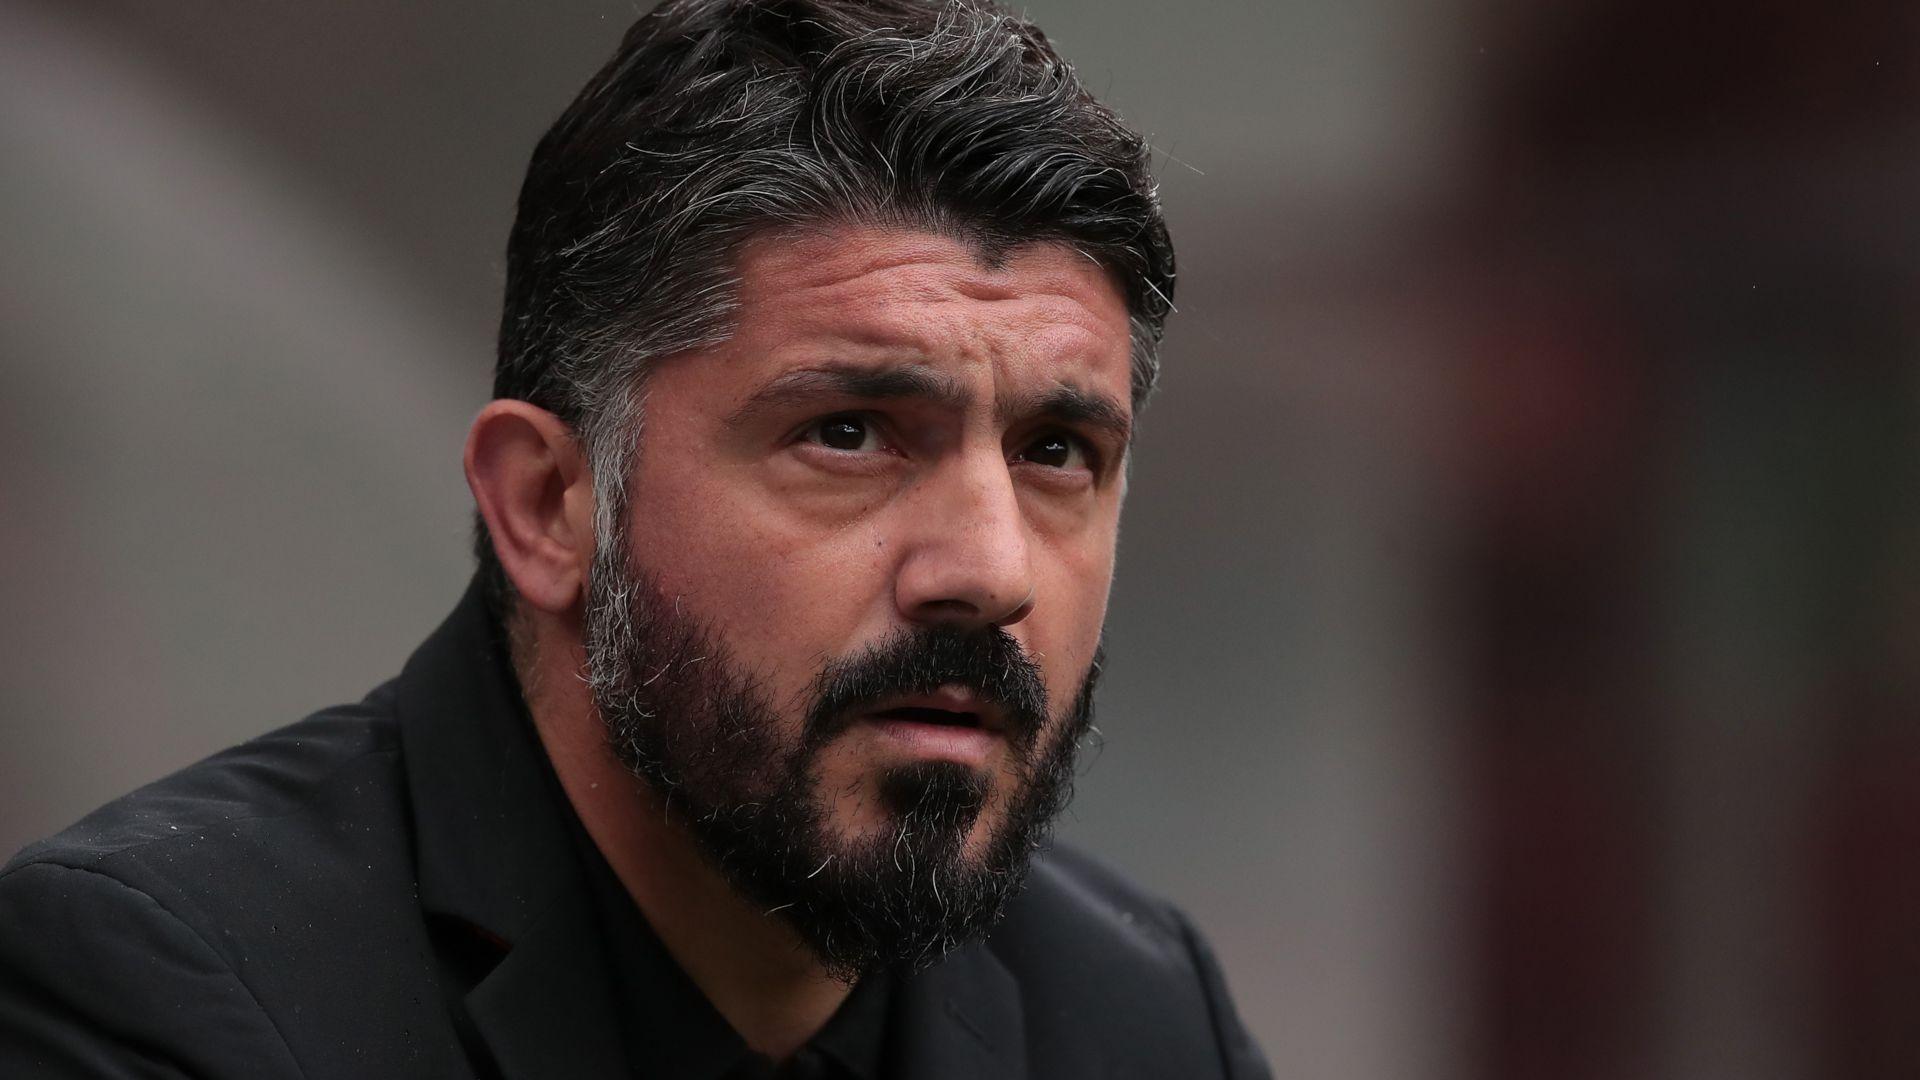 Caos Milan, non solo Gattuso! Ufficiali altre dimissioni dal club rossonero